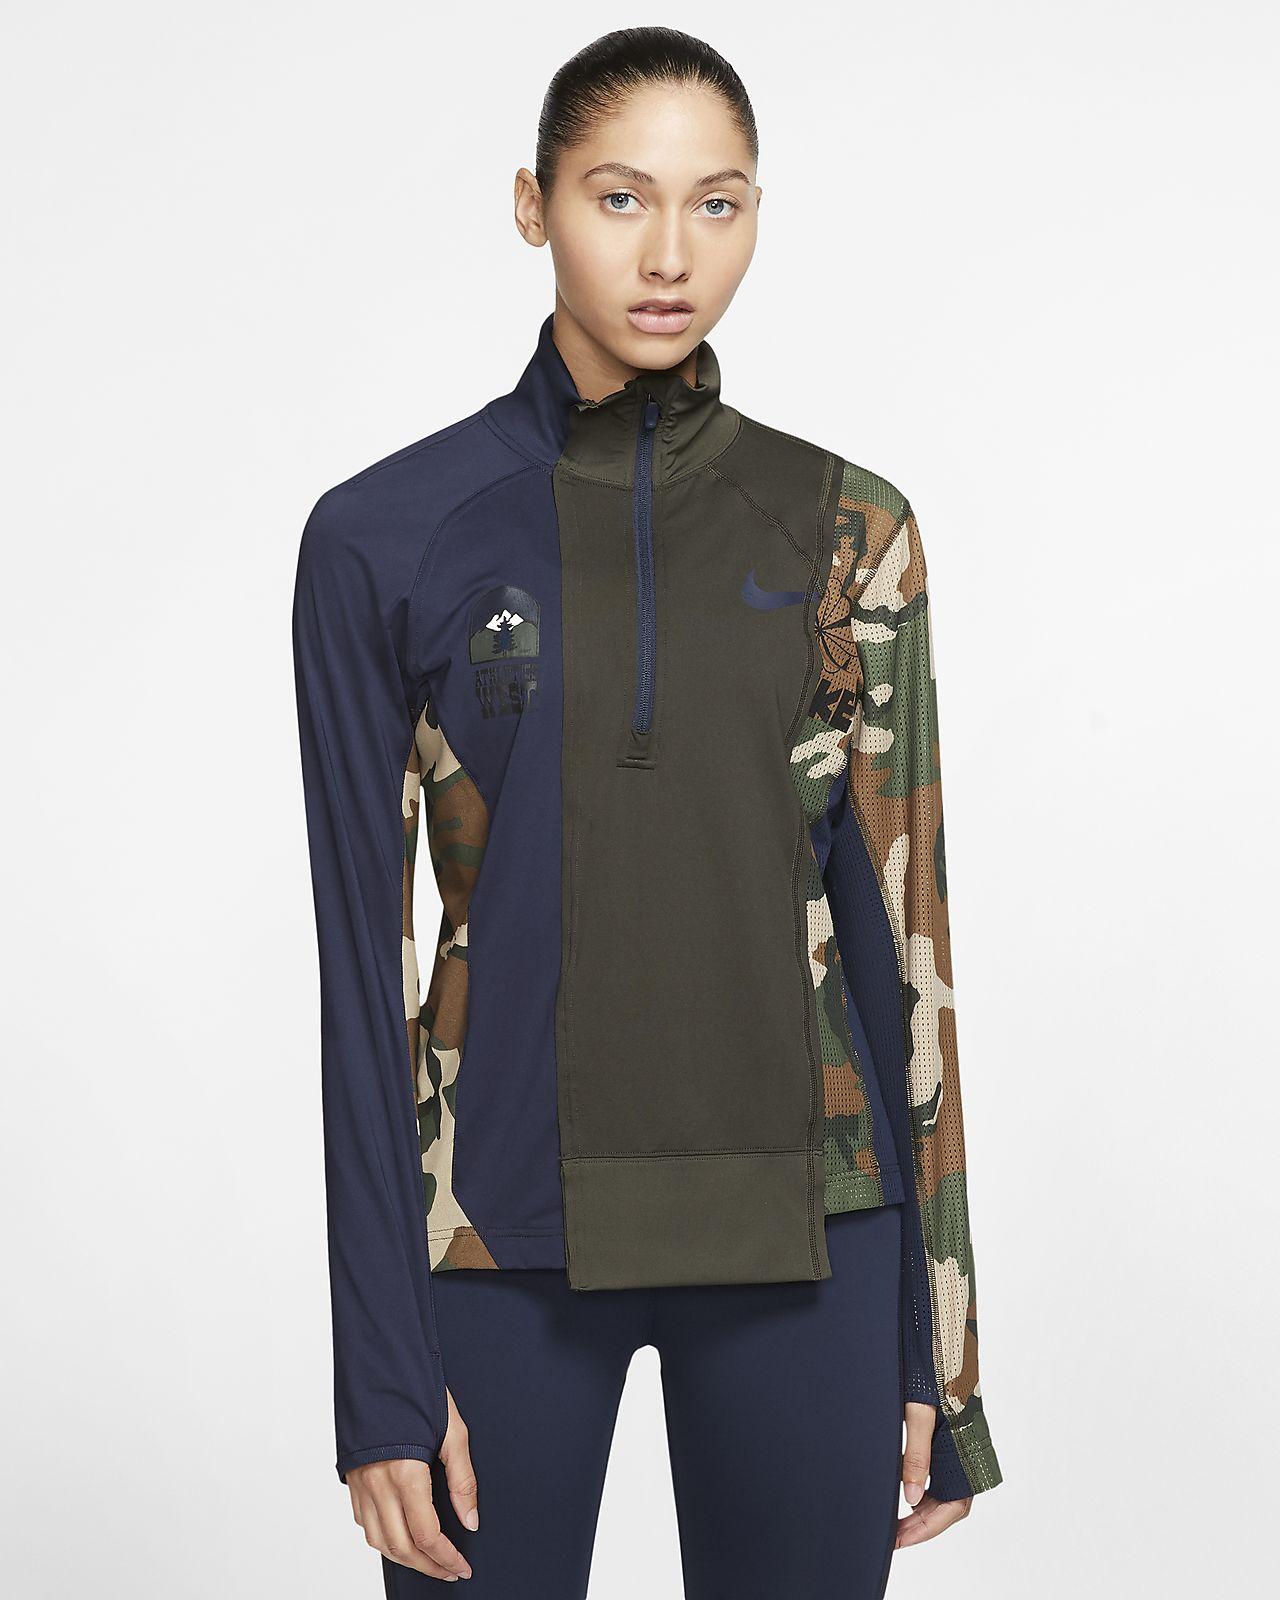 เสื้อแจ็คเก็ตวิ่งซิปสั้นผู้หญิง Nike x Sacai